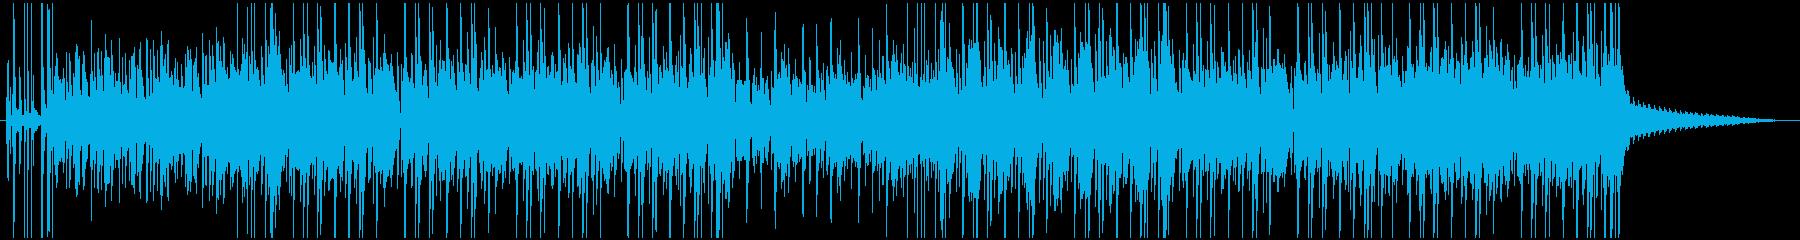 夏らしさを感じるレゲエ、ダブ系BGMの再生済みの波形